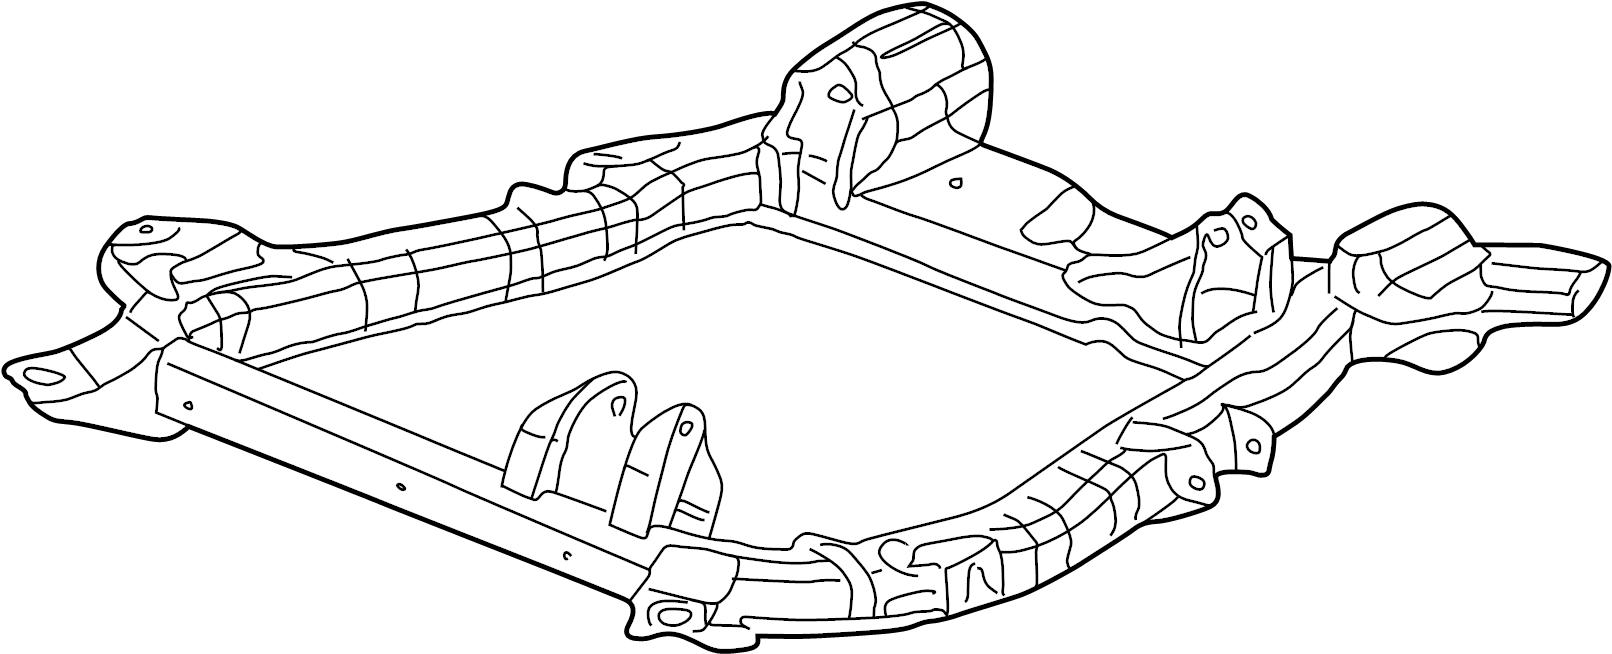 Saturn Vue Frame  Chassis  Frame  Drivetrain  U0026 Frt Susp